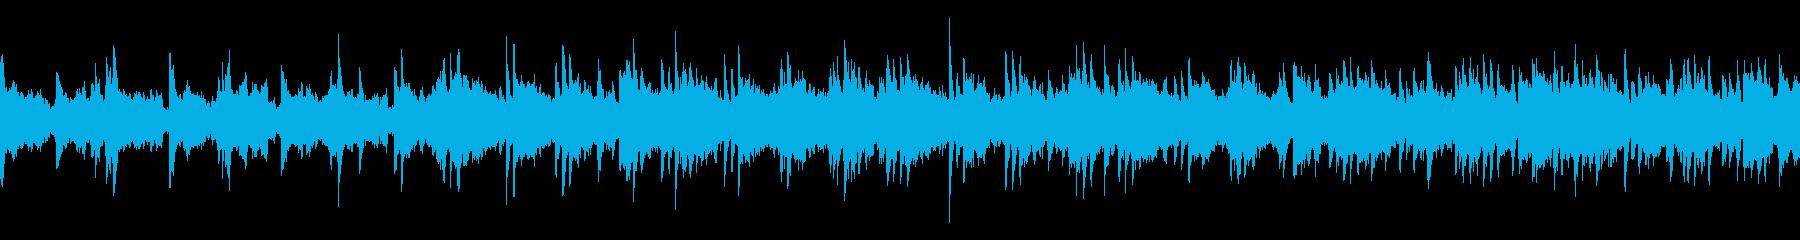 メローなピアノソロインストBGMの再生済みの波形